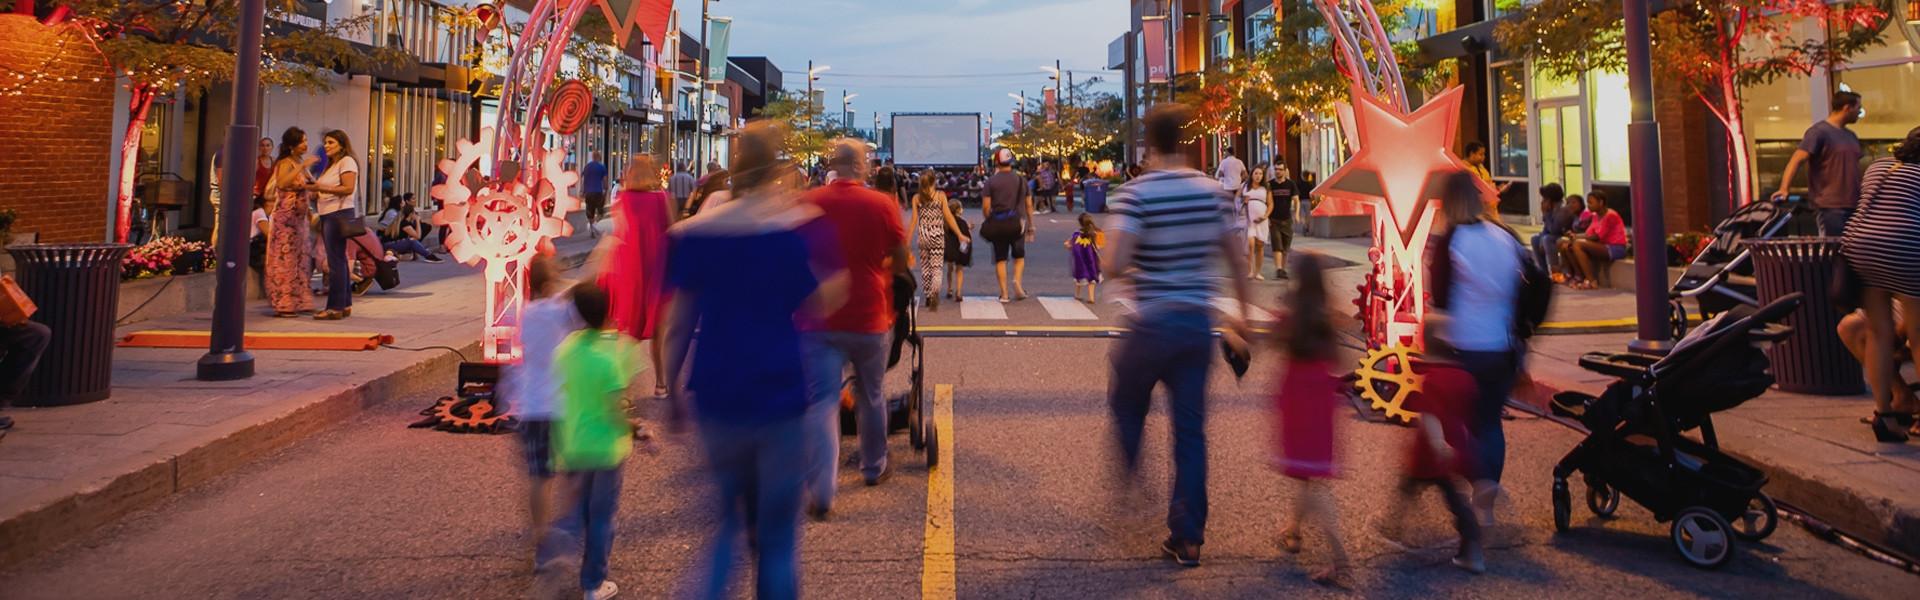 Tourisme Laval - Centropolis